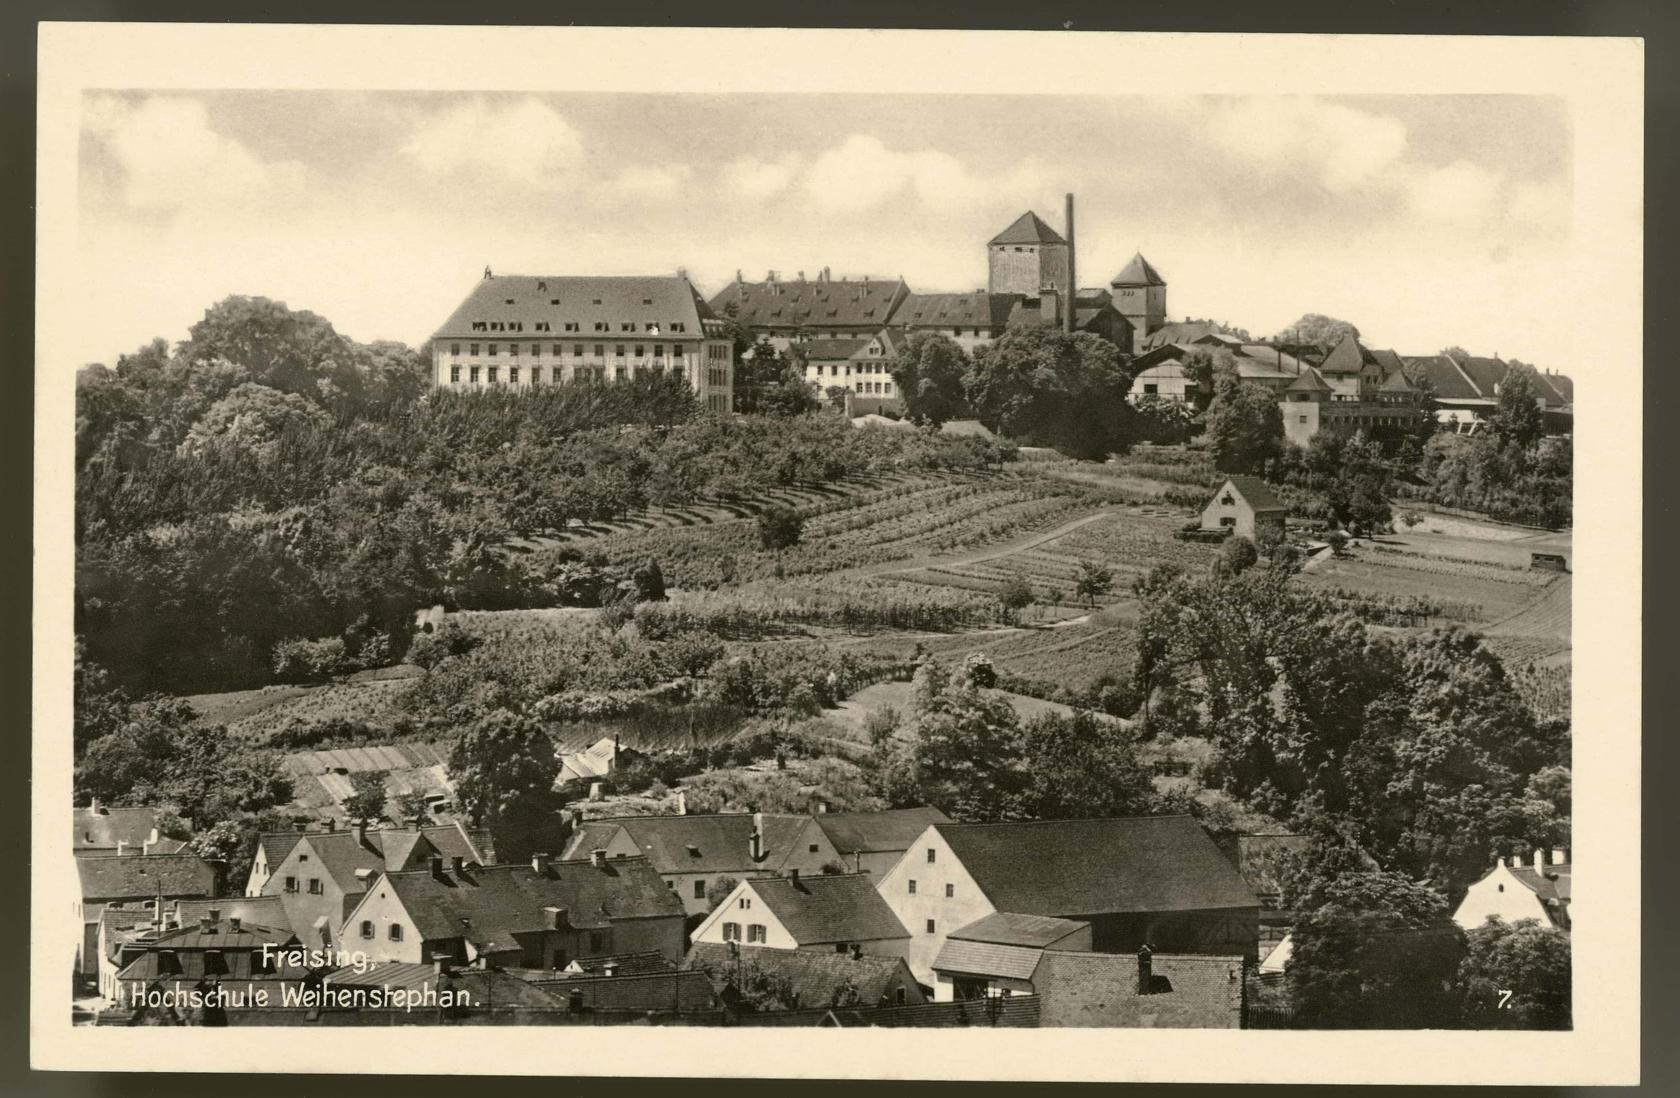 Вайнштефан: самая старая пивоварня в мире